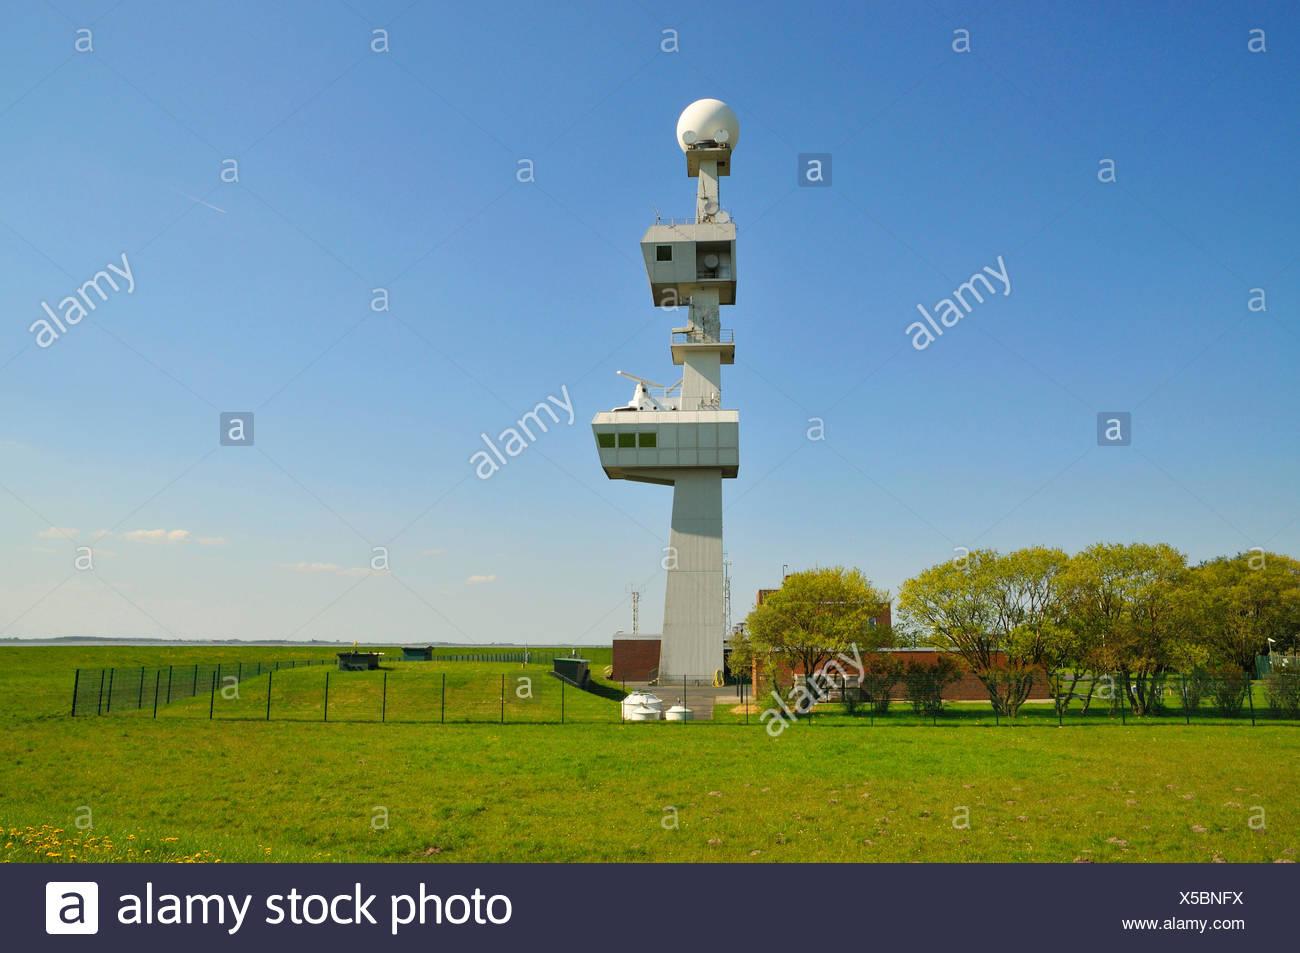 Radarstation Knock, moderner Leucht- und Radarturm der Verkehrszentrale Ems, Deutschland, Niedersachsen, Knock, Emden   radar st - Stock Image